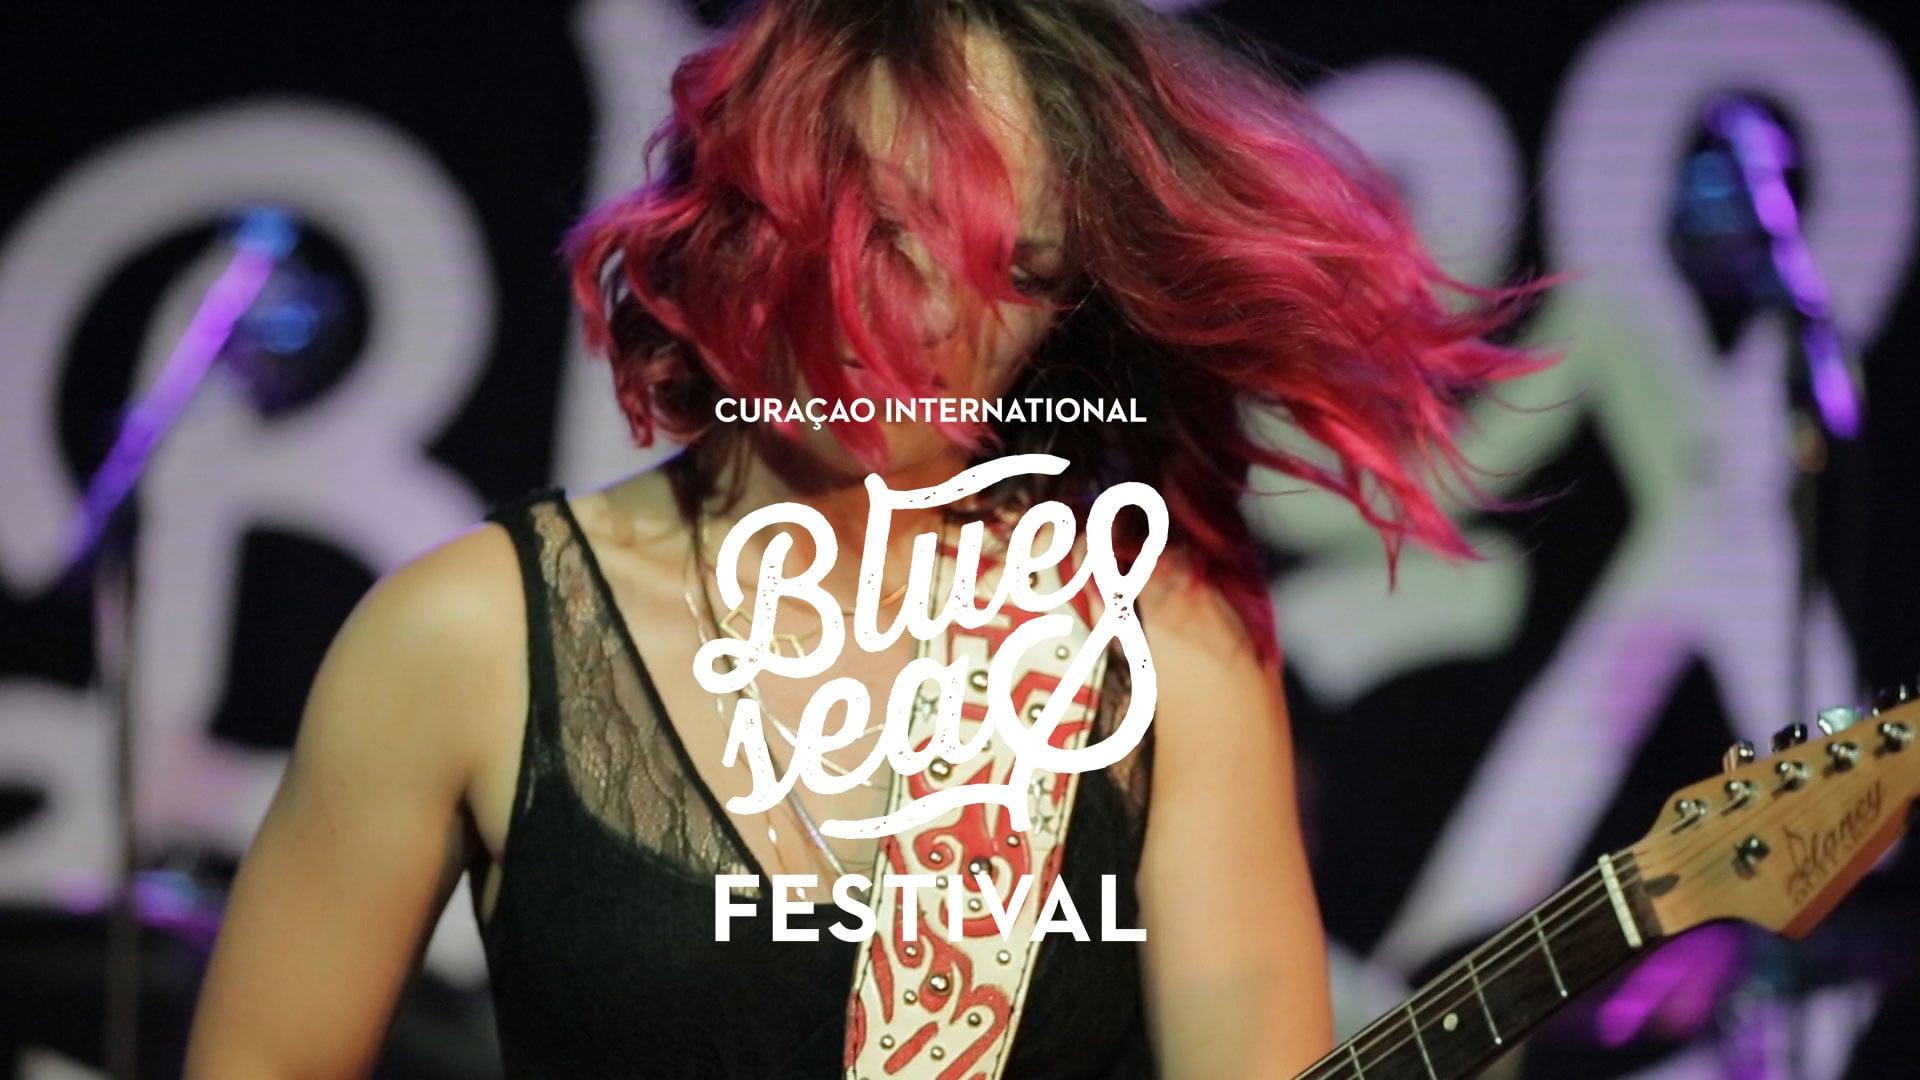 Blue Seas Bluesfestival Curacao Event Video